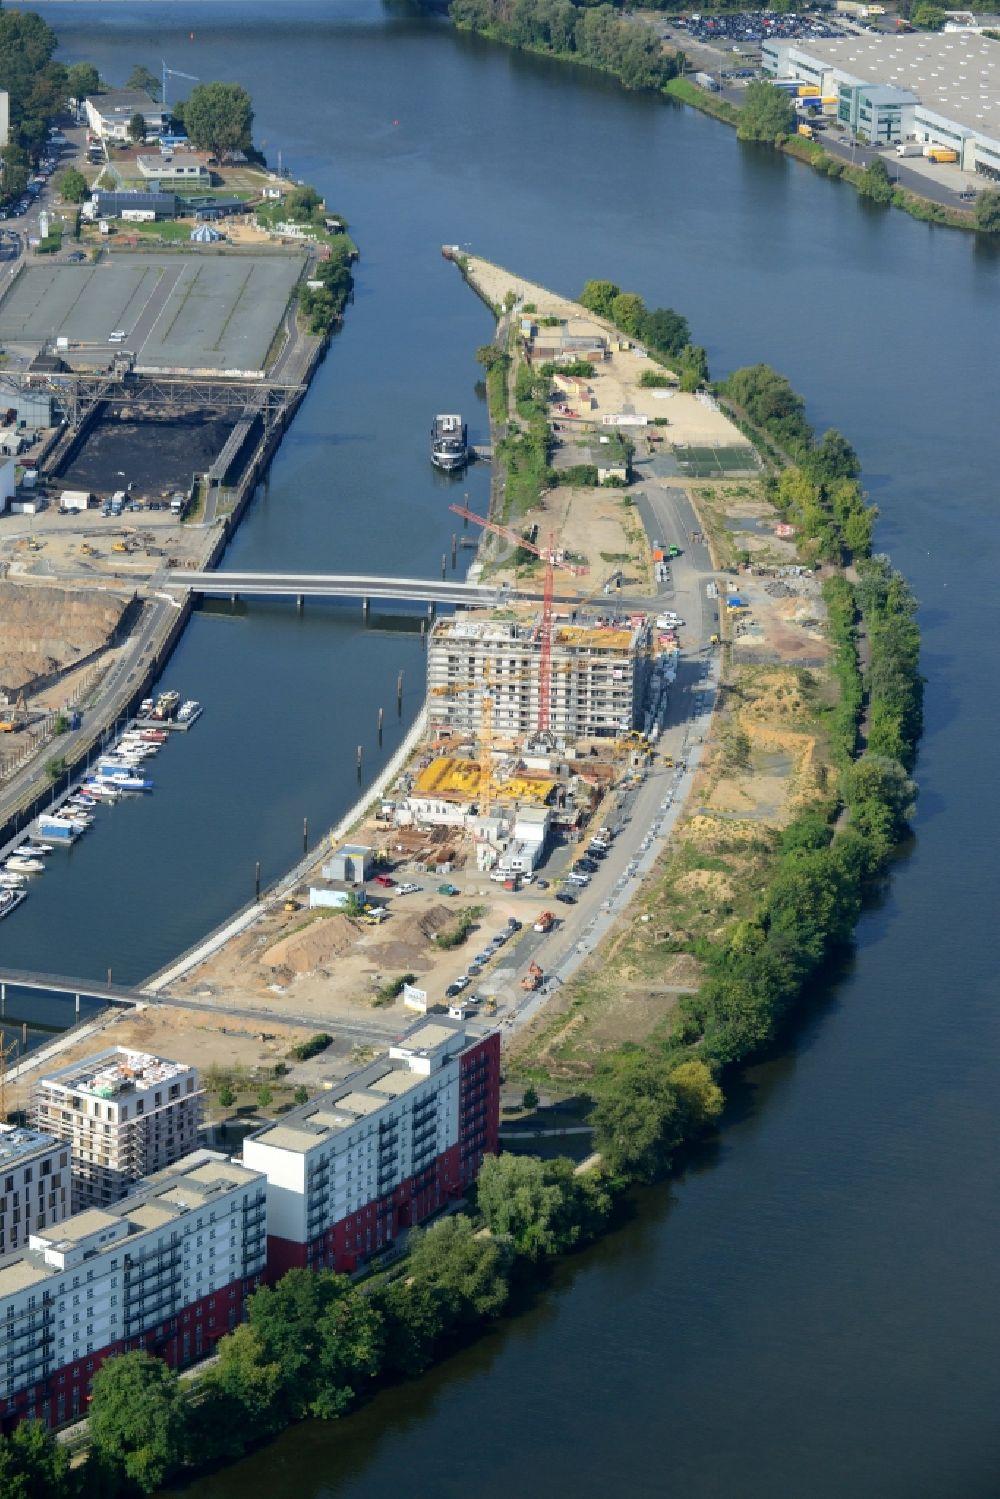 Baufirma Frankfurt offenbach am baustelle zum neubau einer mehrfamilienhaus